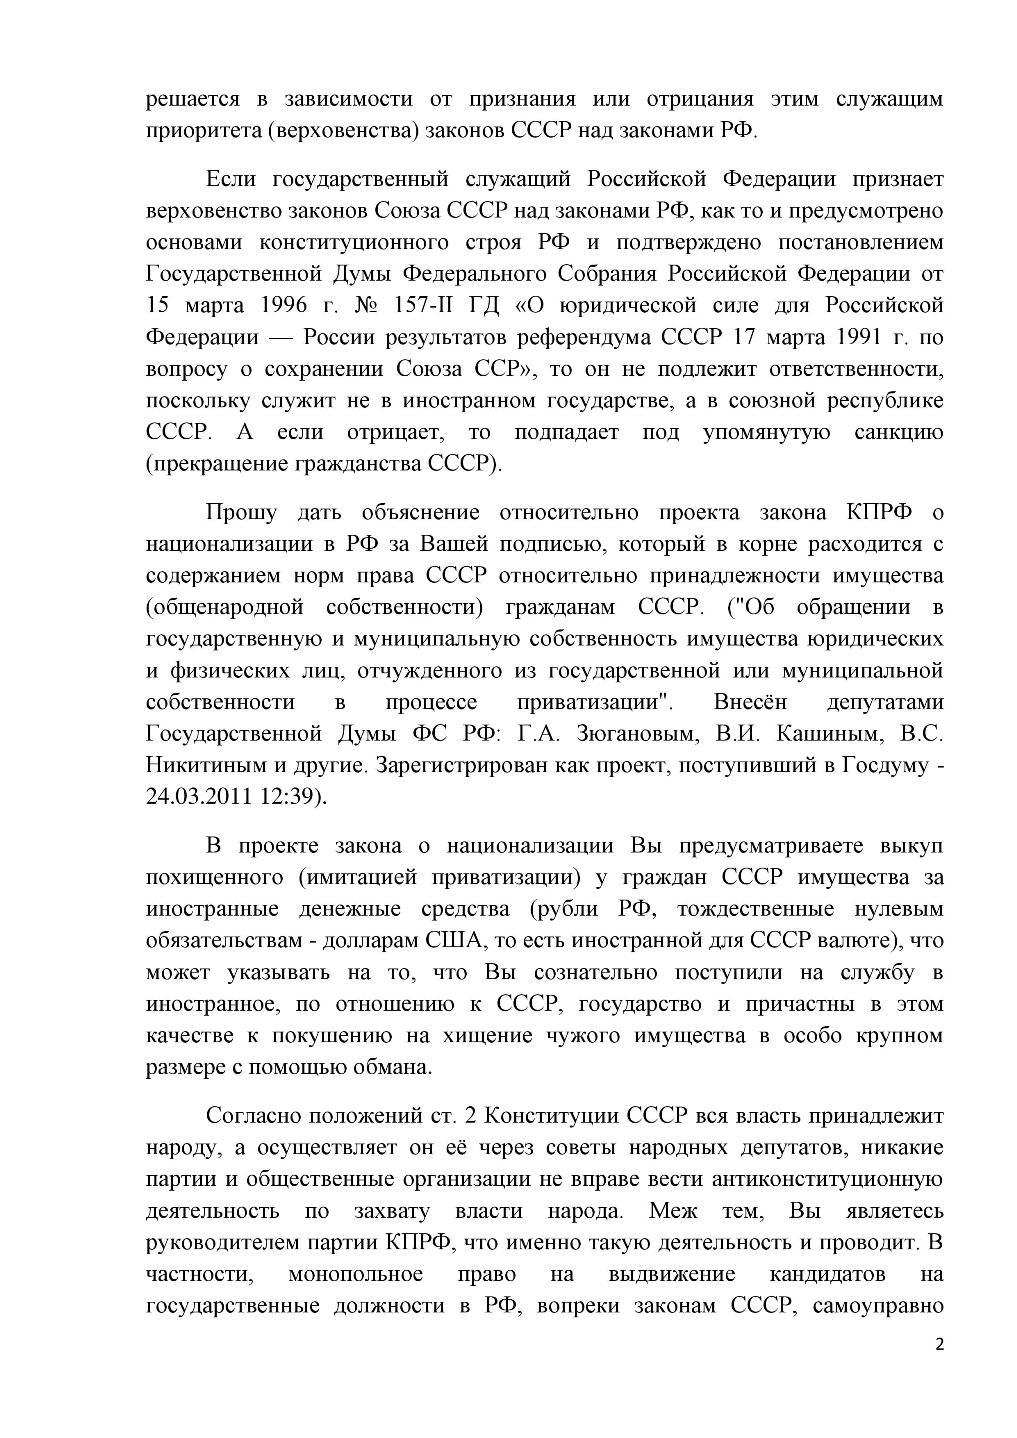 http://voinr.ru/voinr-ru/wp-content/uploads/2015/07/page21.jpg